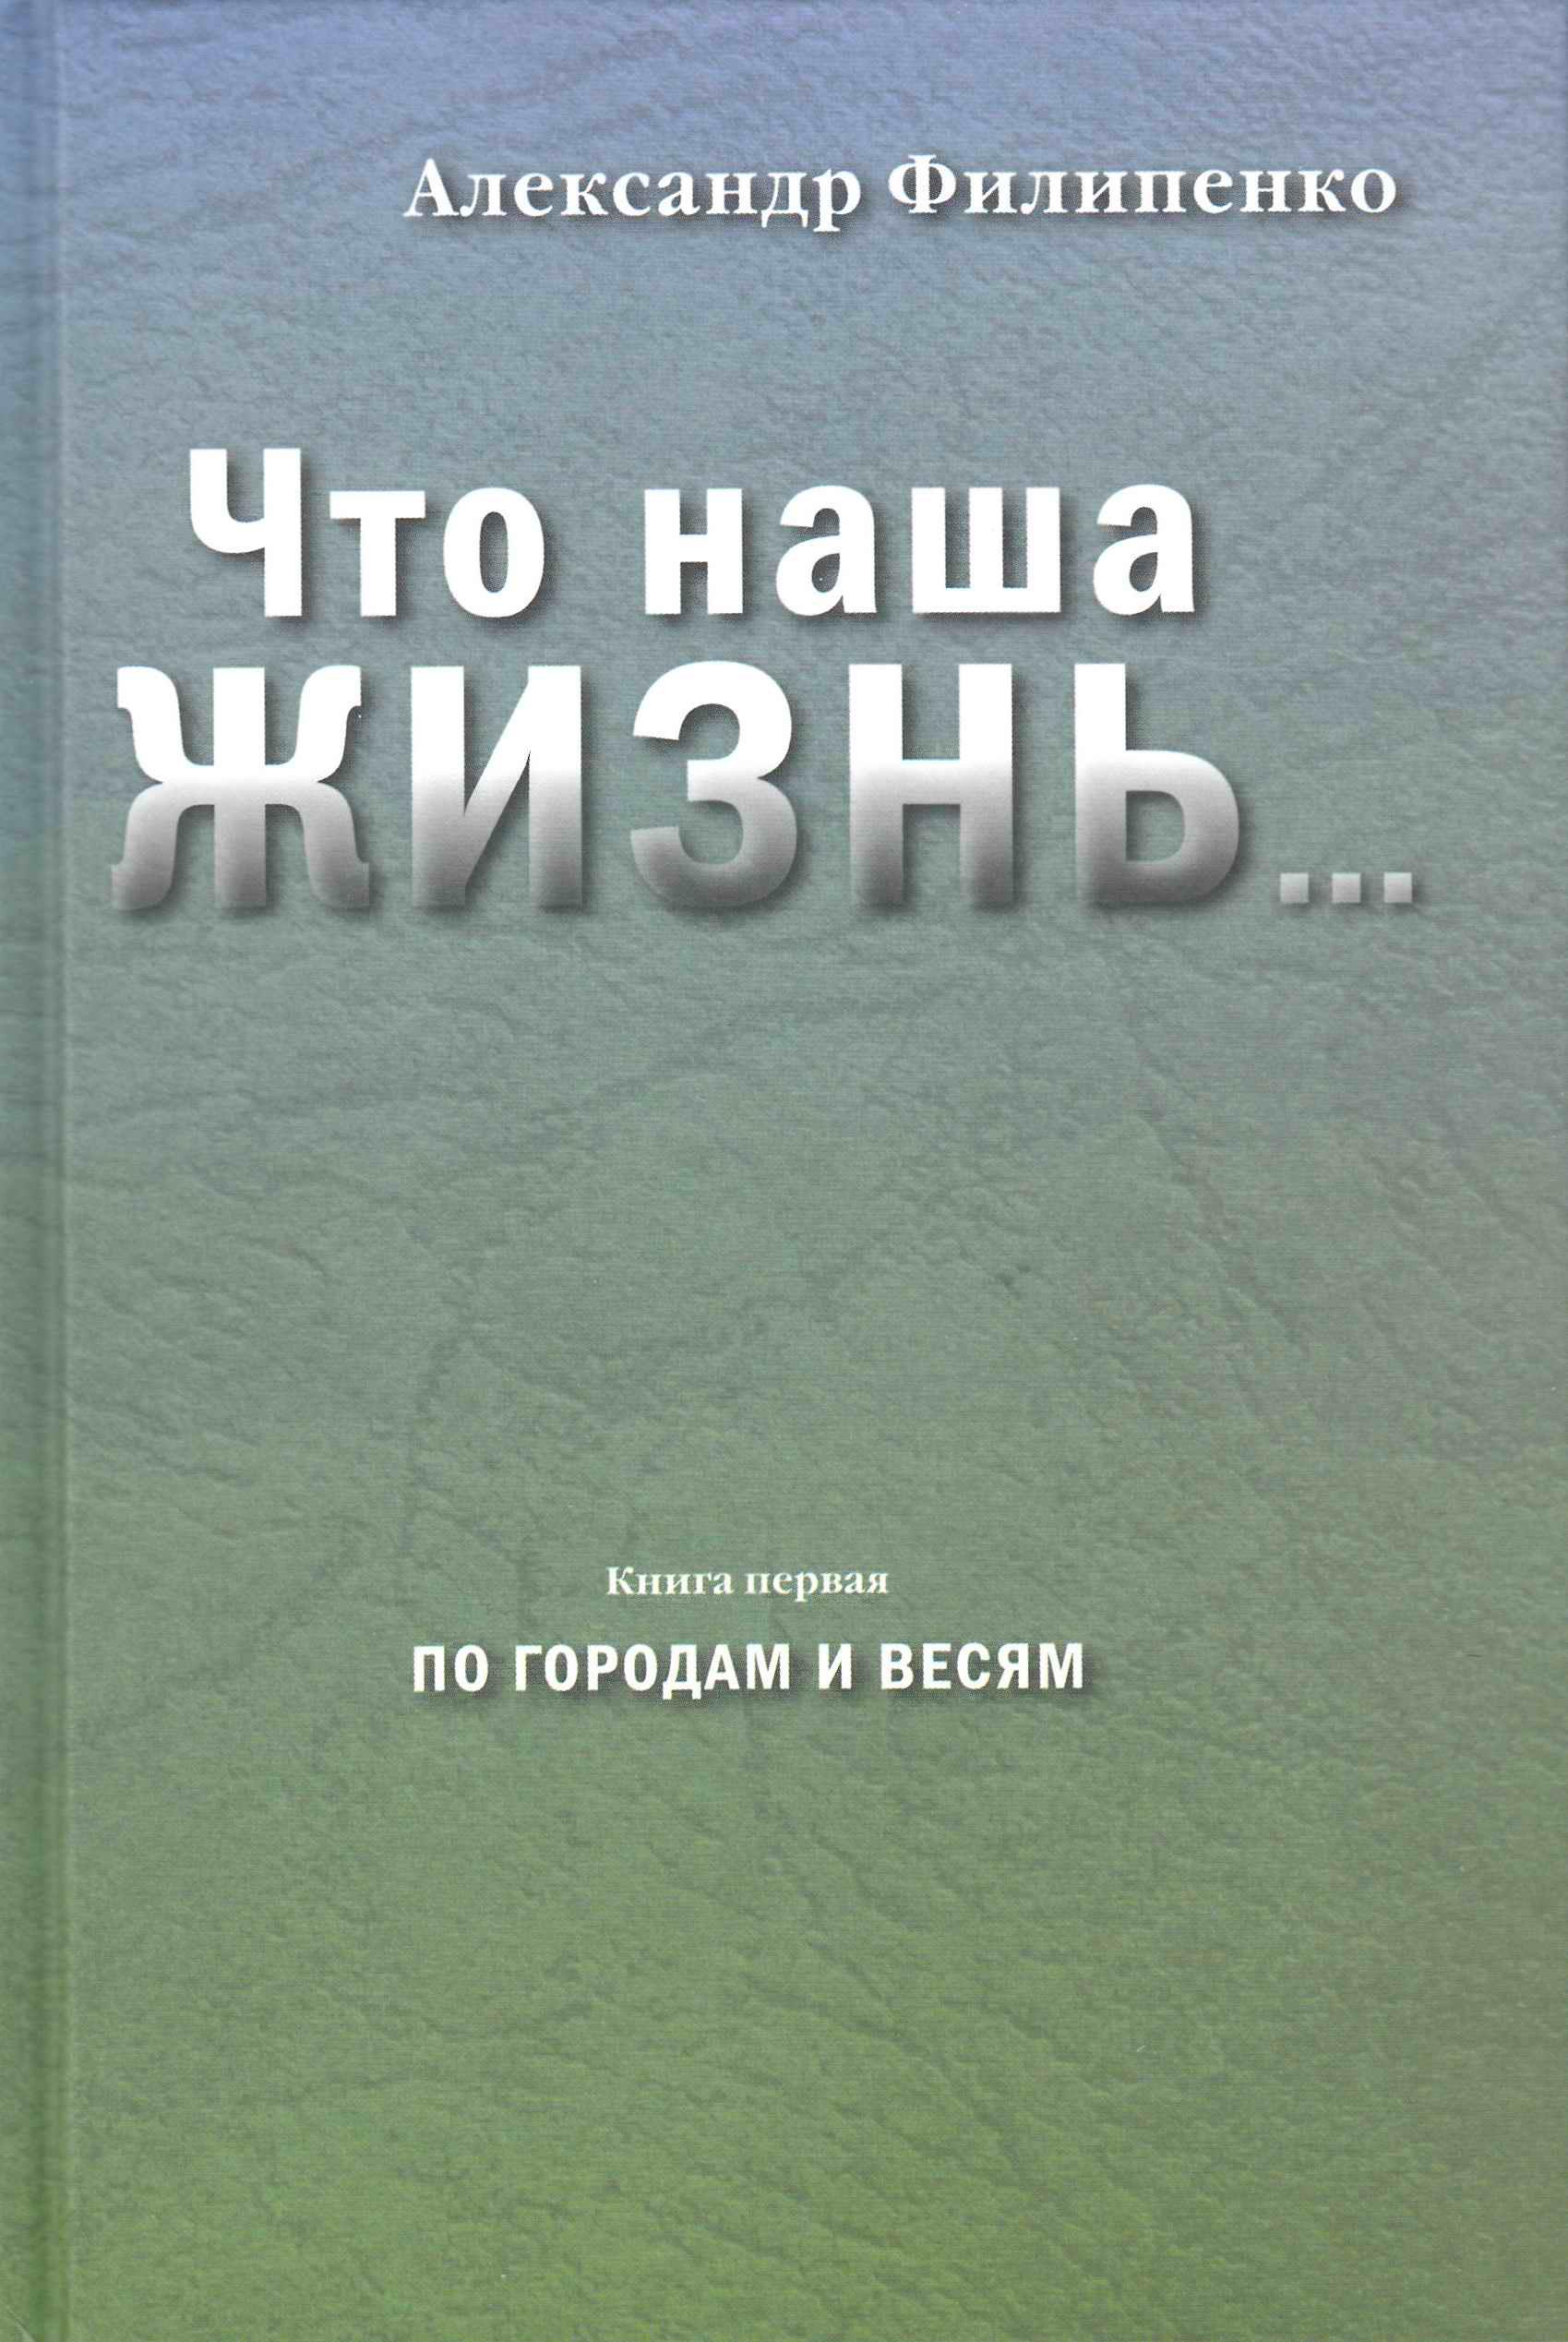 Filipenko bool2